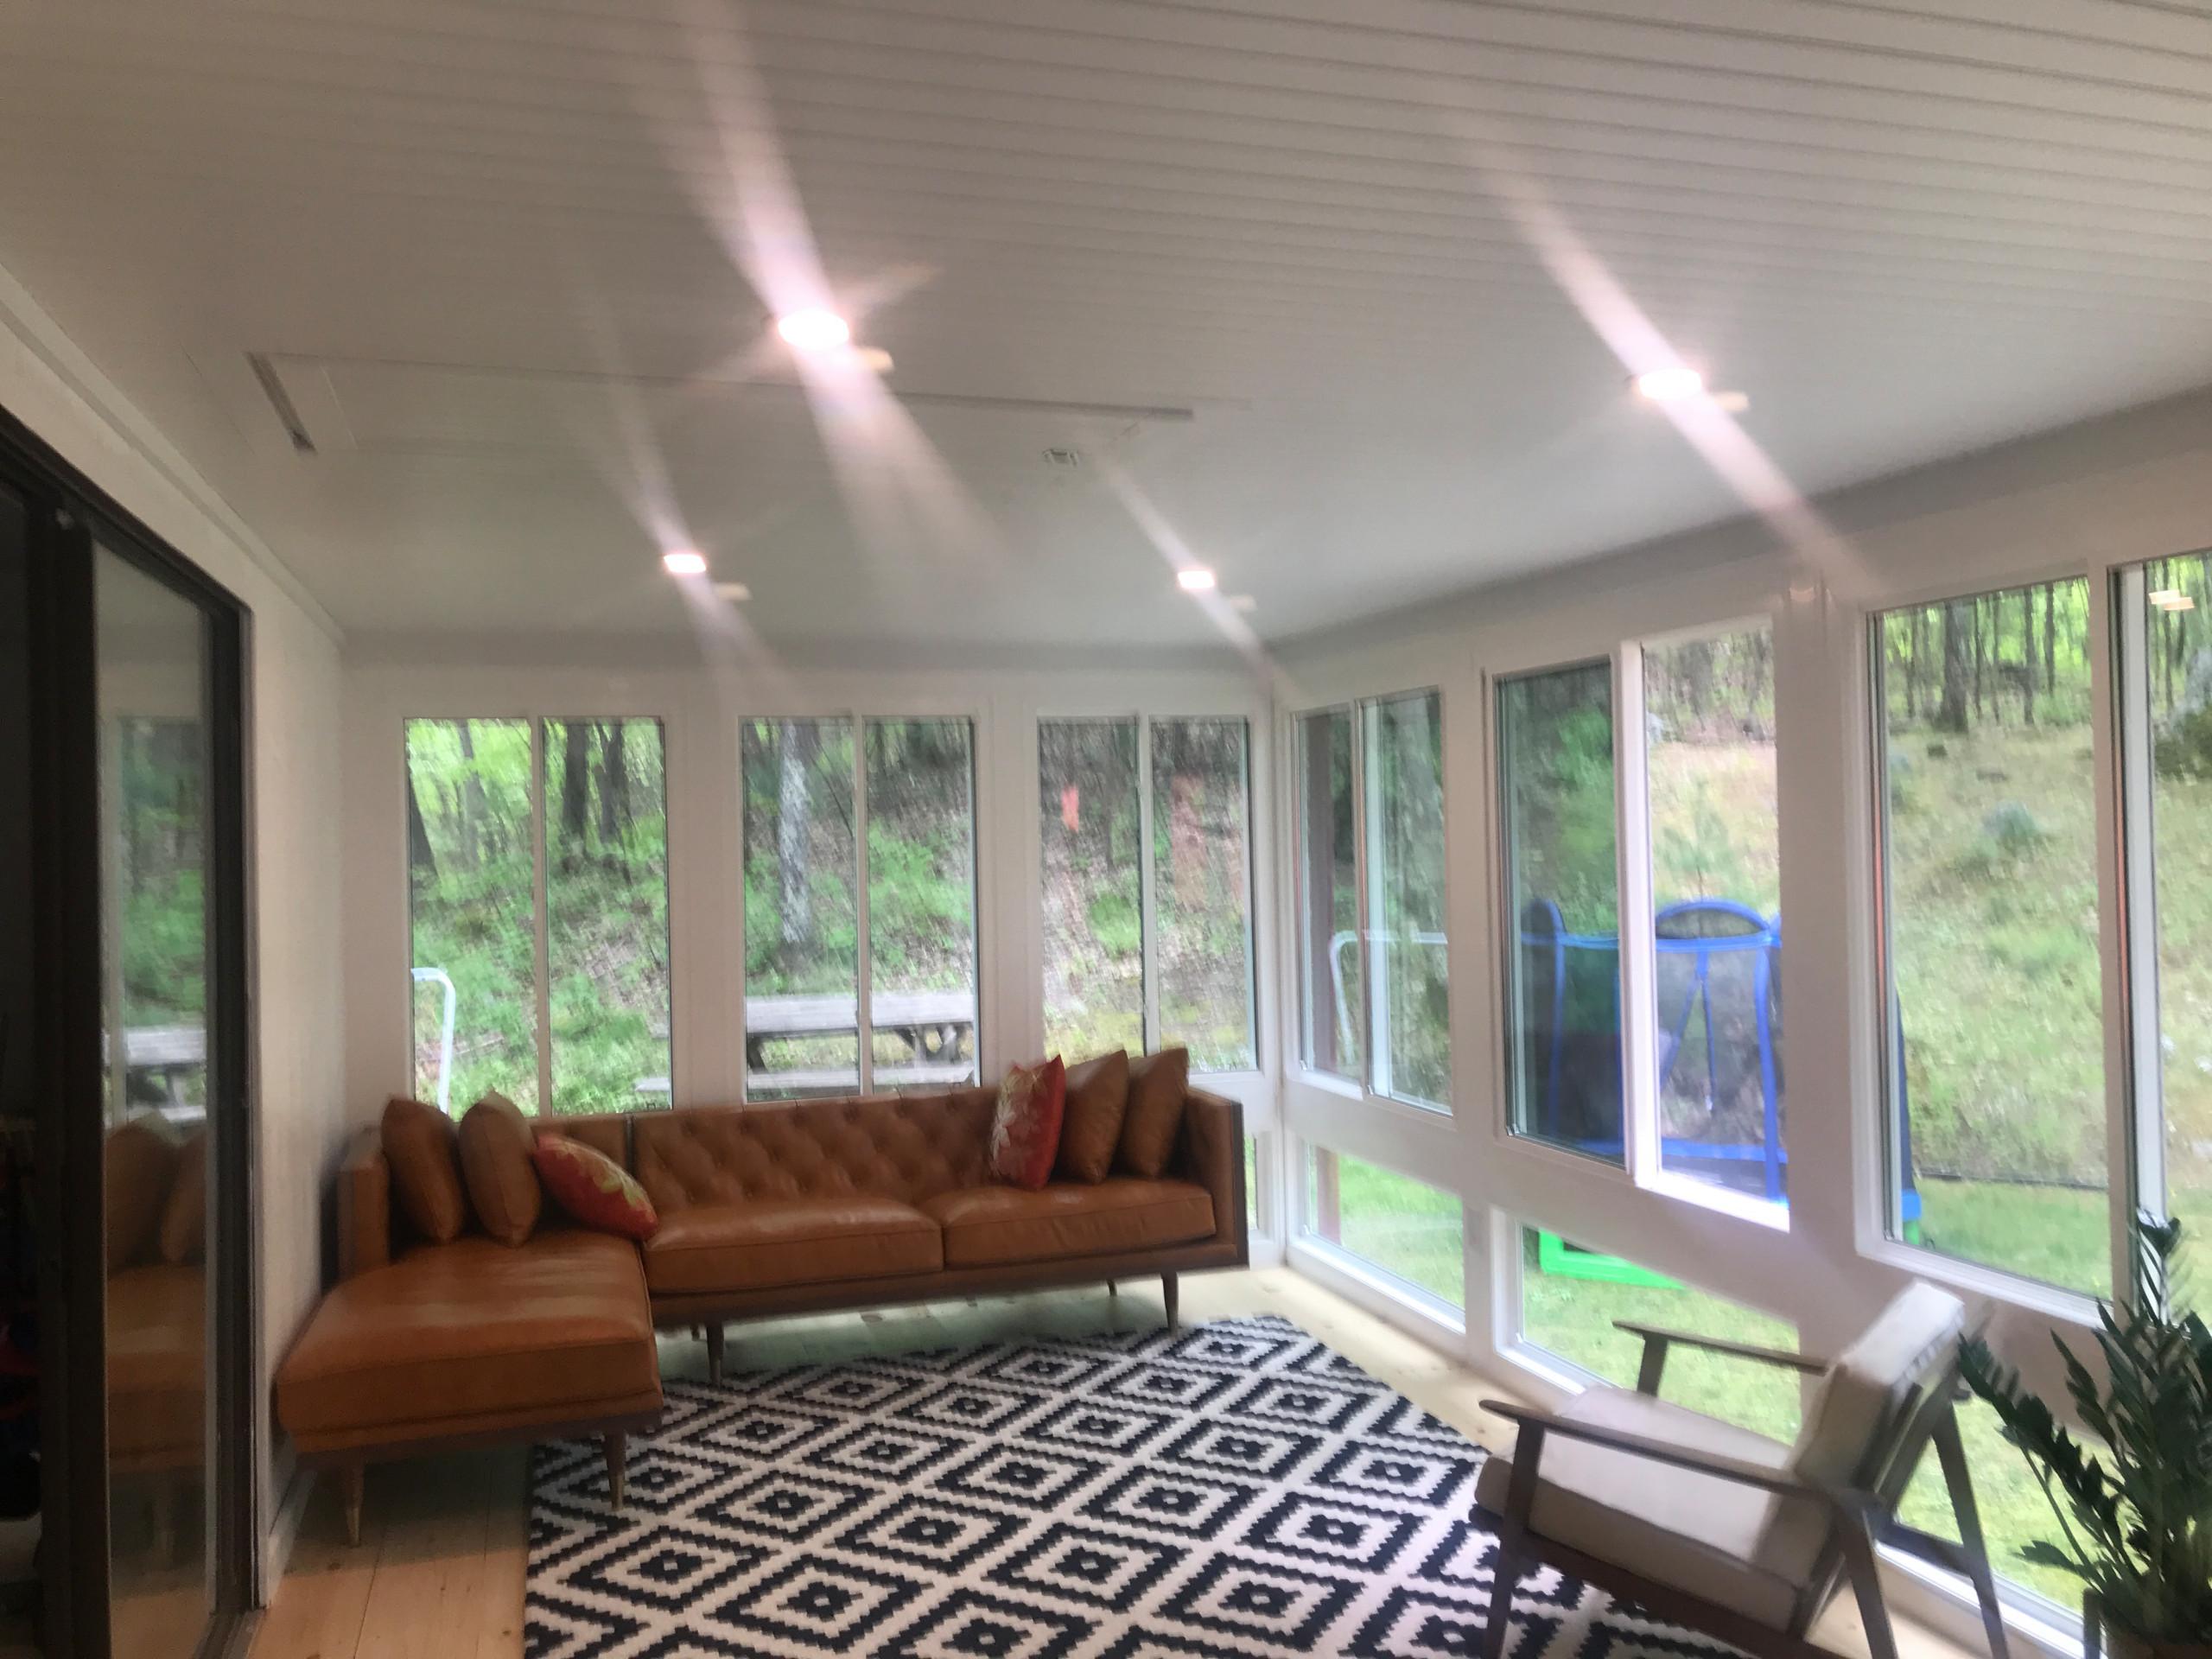 Porch To Sunroom Conversion